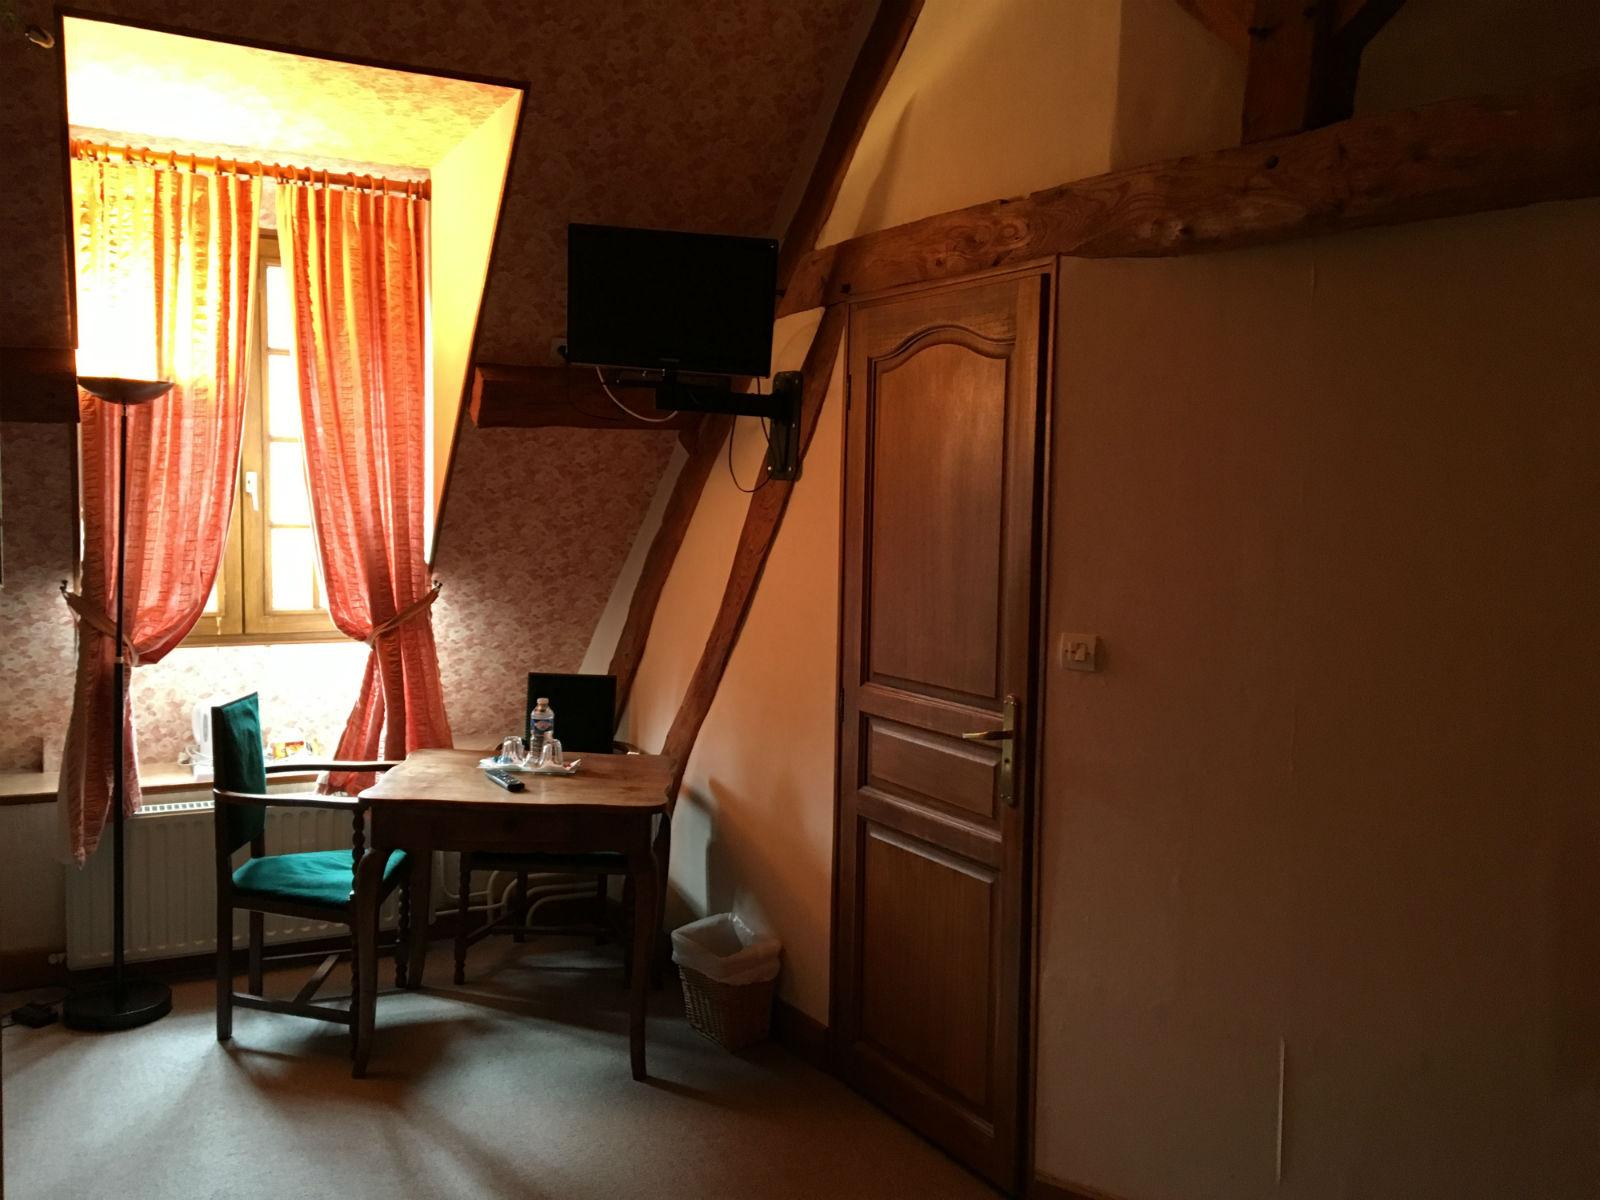 Gîte Côte d'Opale avec 3 chambres tout confort et salles de douche privatives.